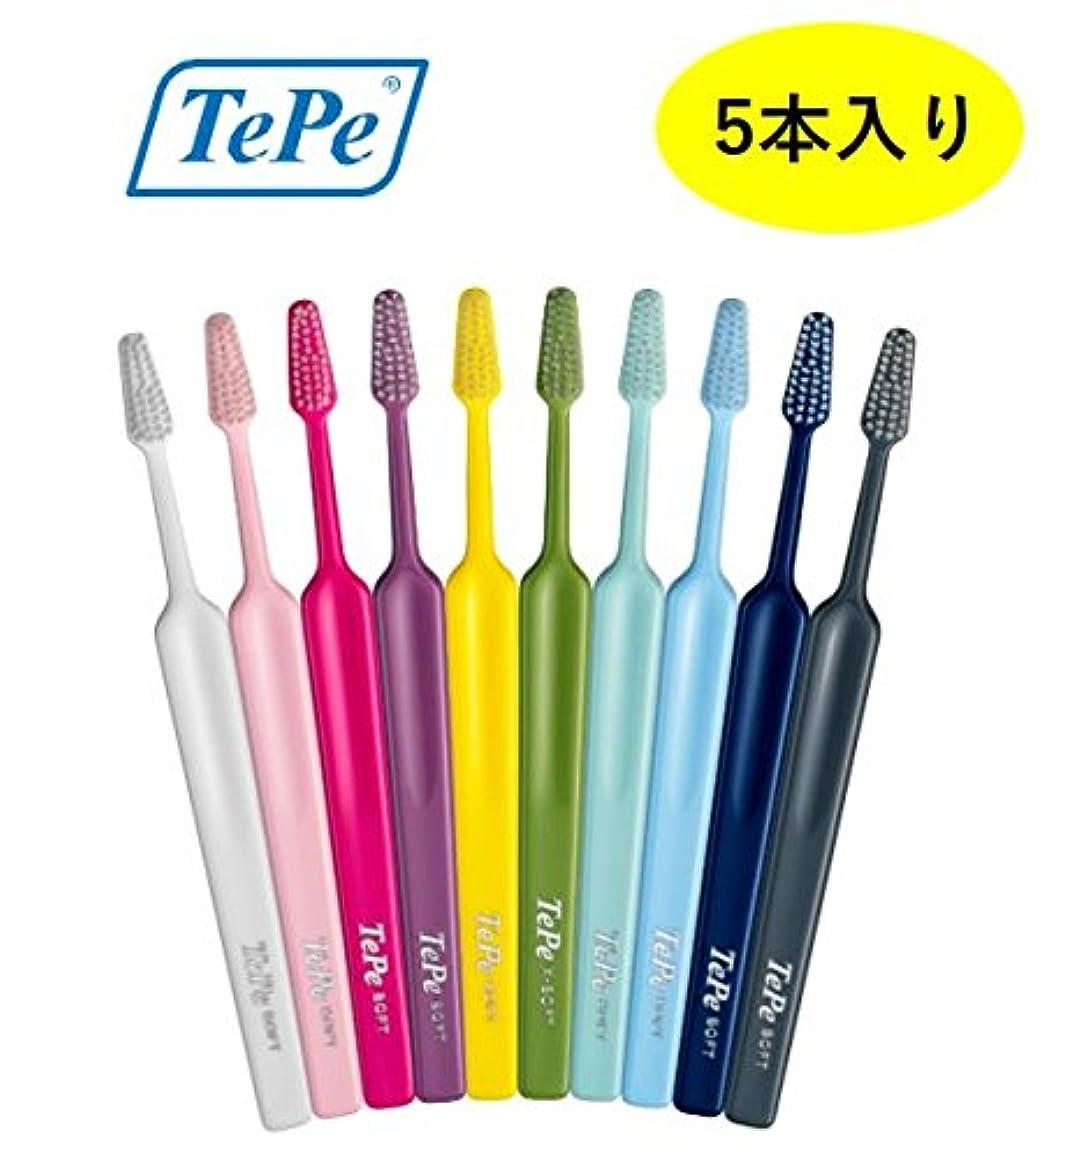 効果的早くすり減るテペ コンパクト ミディアム 5本 ブリスターパック TePe